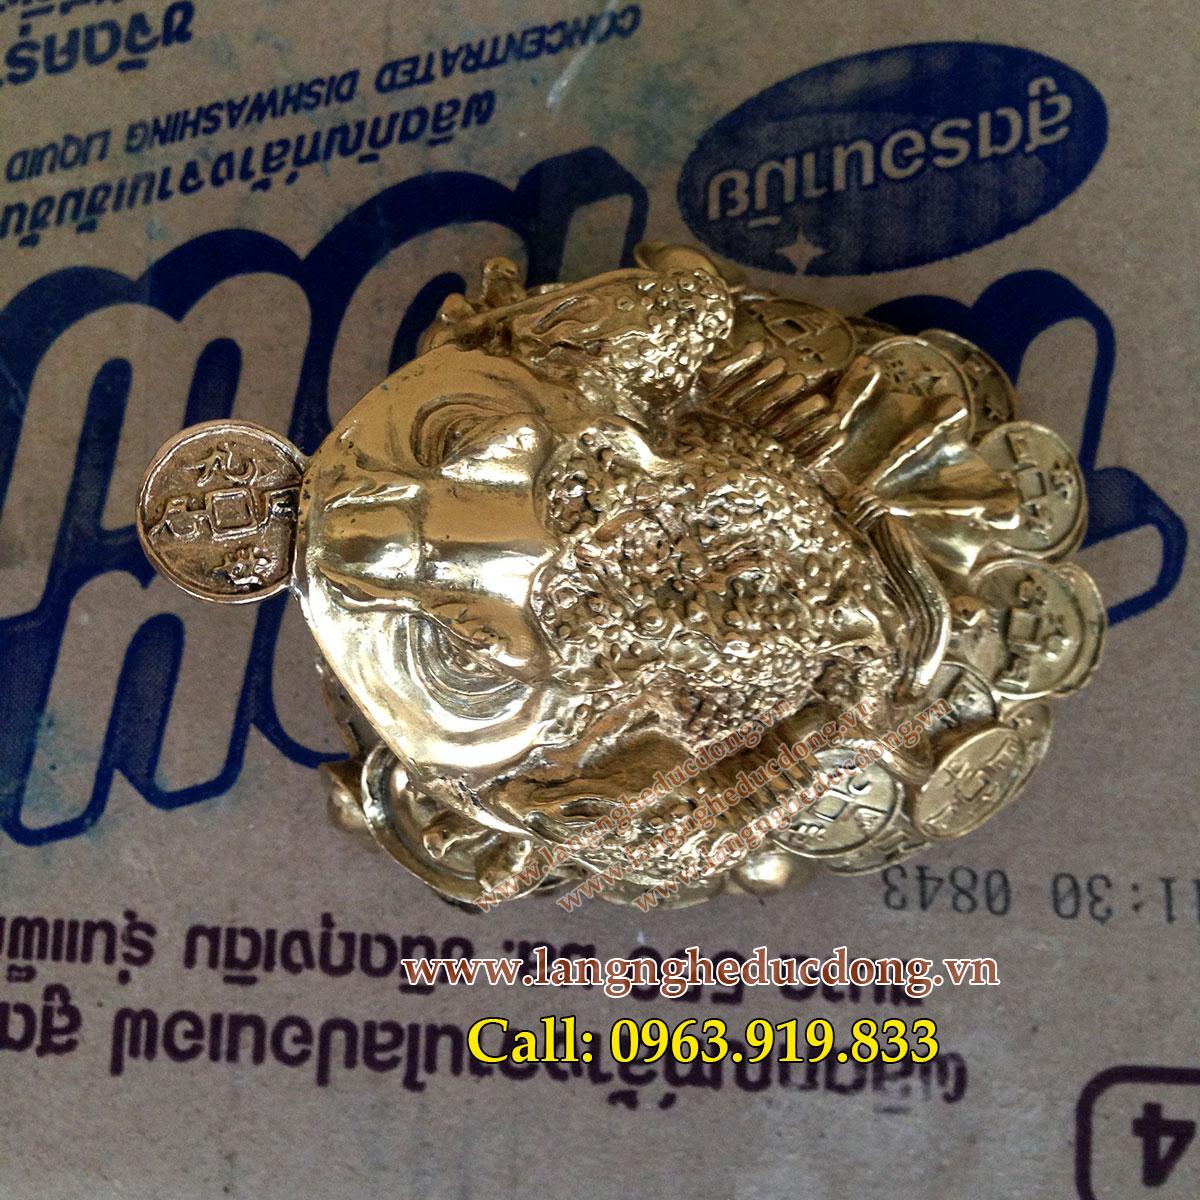 langngheducdong.vn - cóc ngậm tiền xu tài lộc đồng vàng, cóc bằng đồng cao 10cm